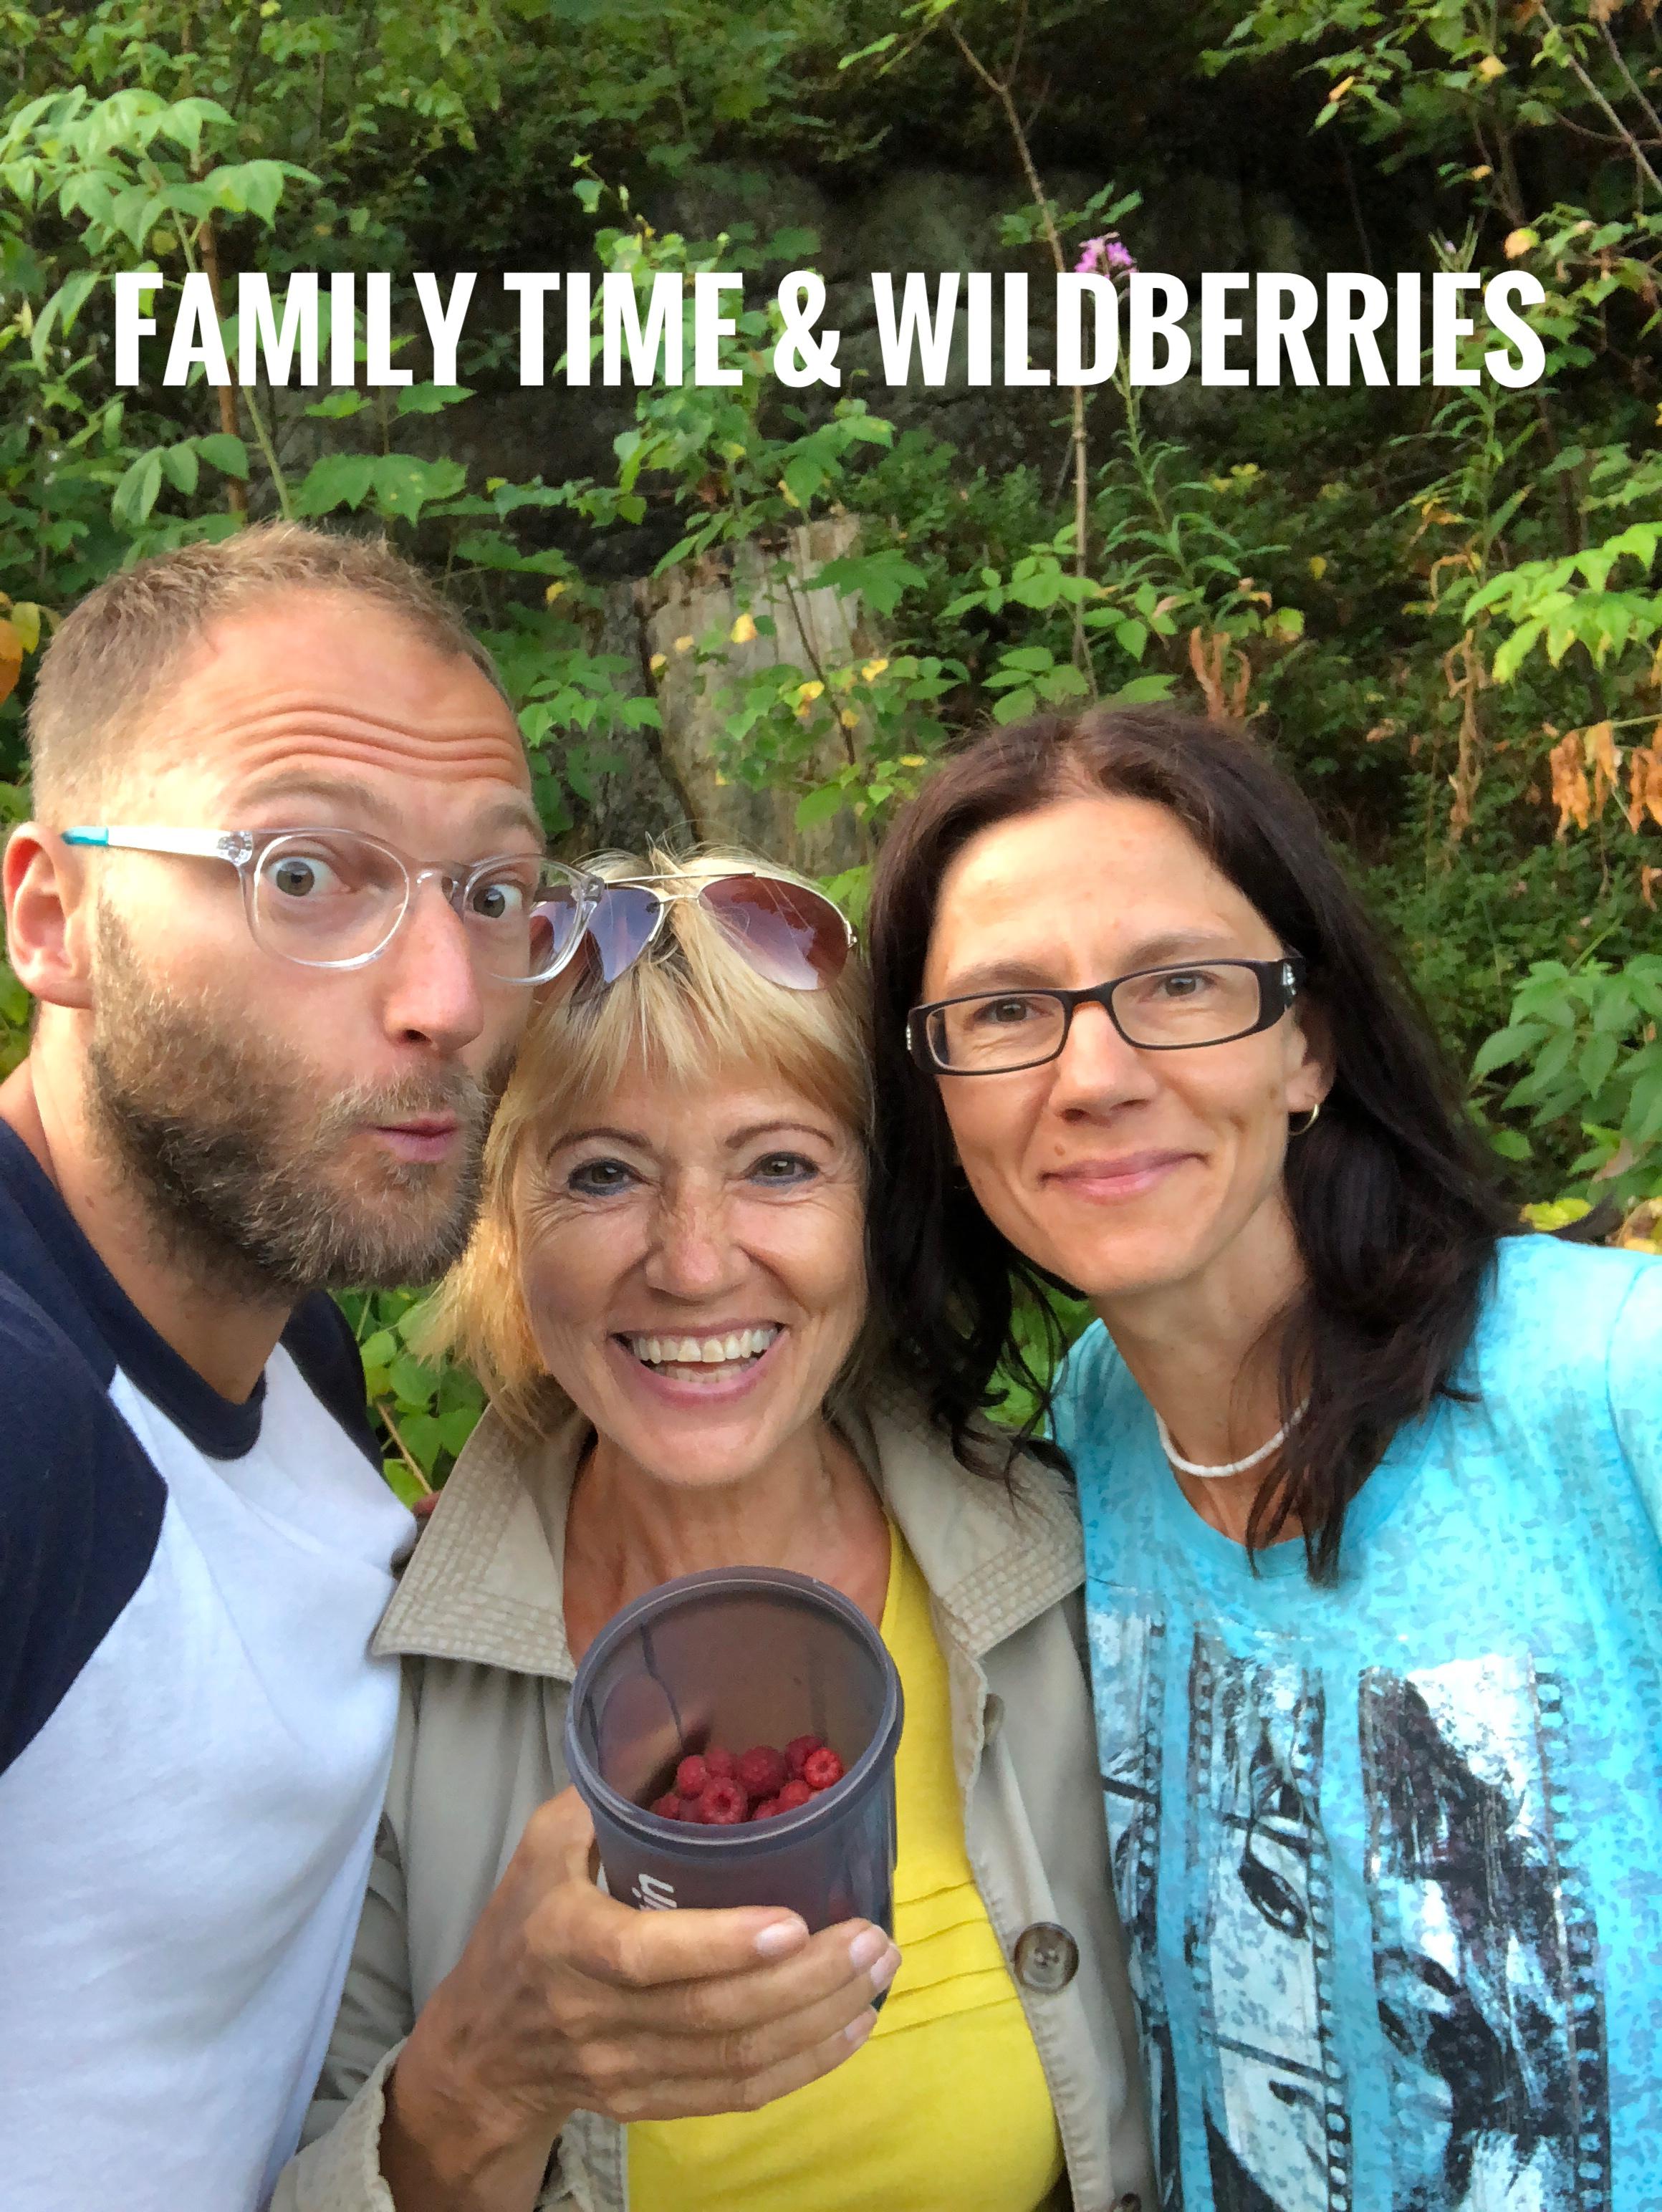 Rodina a dary přírody -